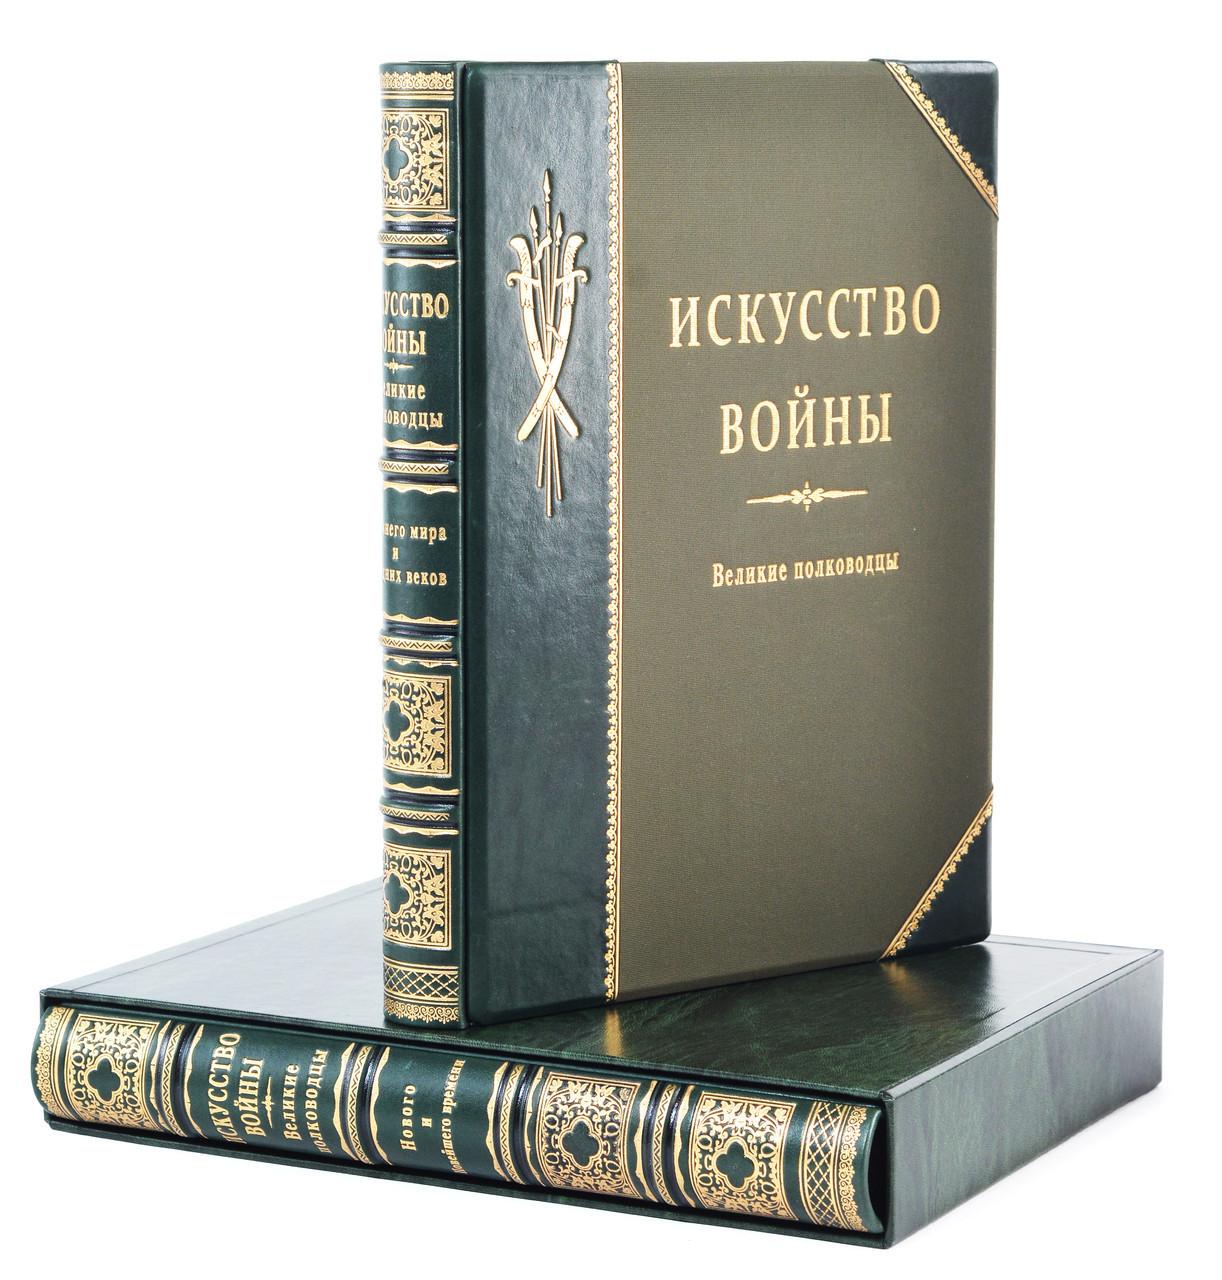 """Книги """"Мистецтво війни. Великі полководці"""" Робертс Ендрю в 2 томах. Подарункове видання в шкіряній палітурці"""